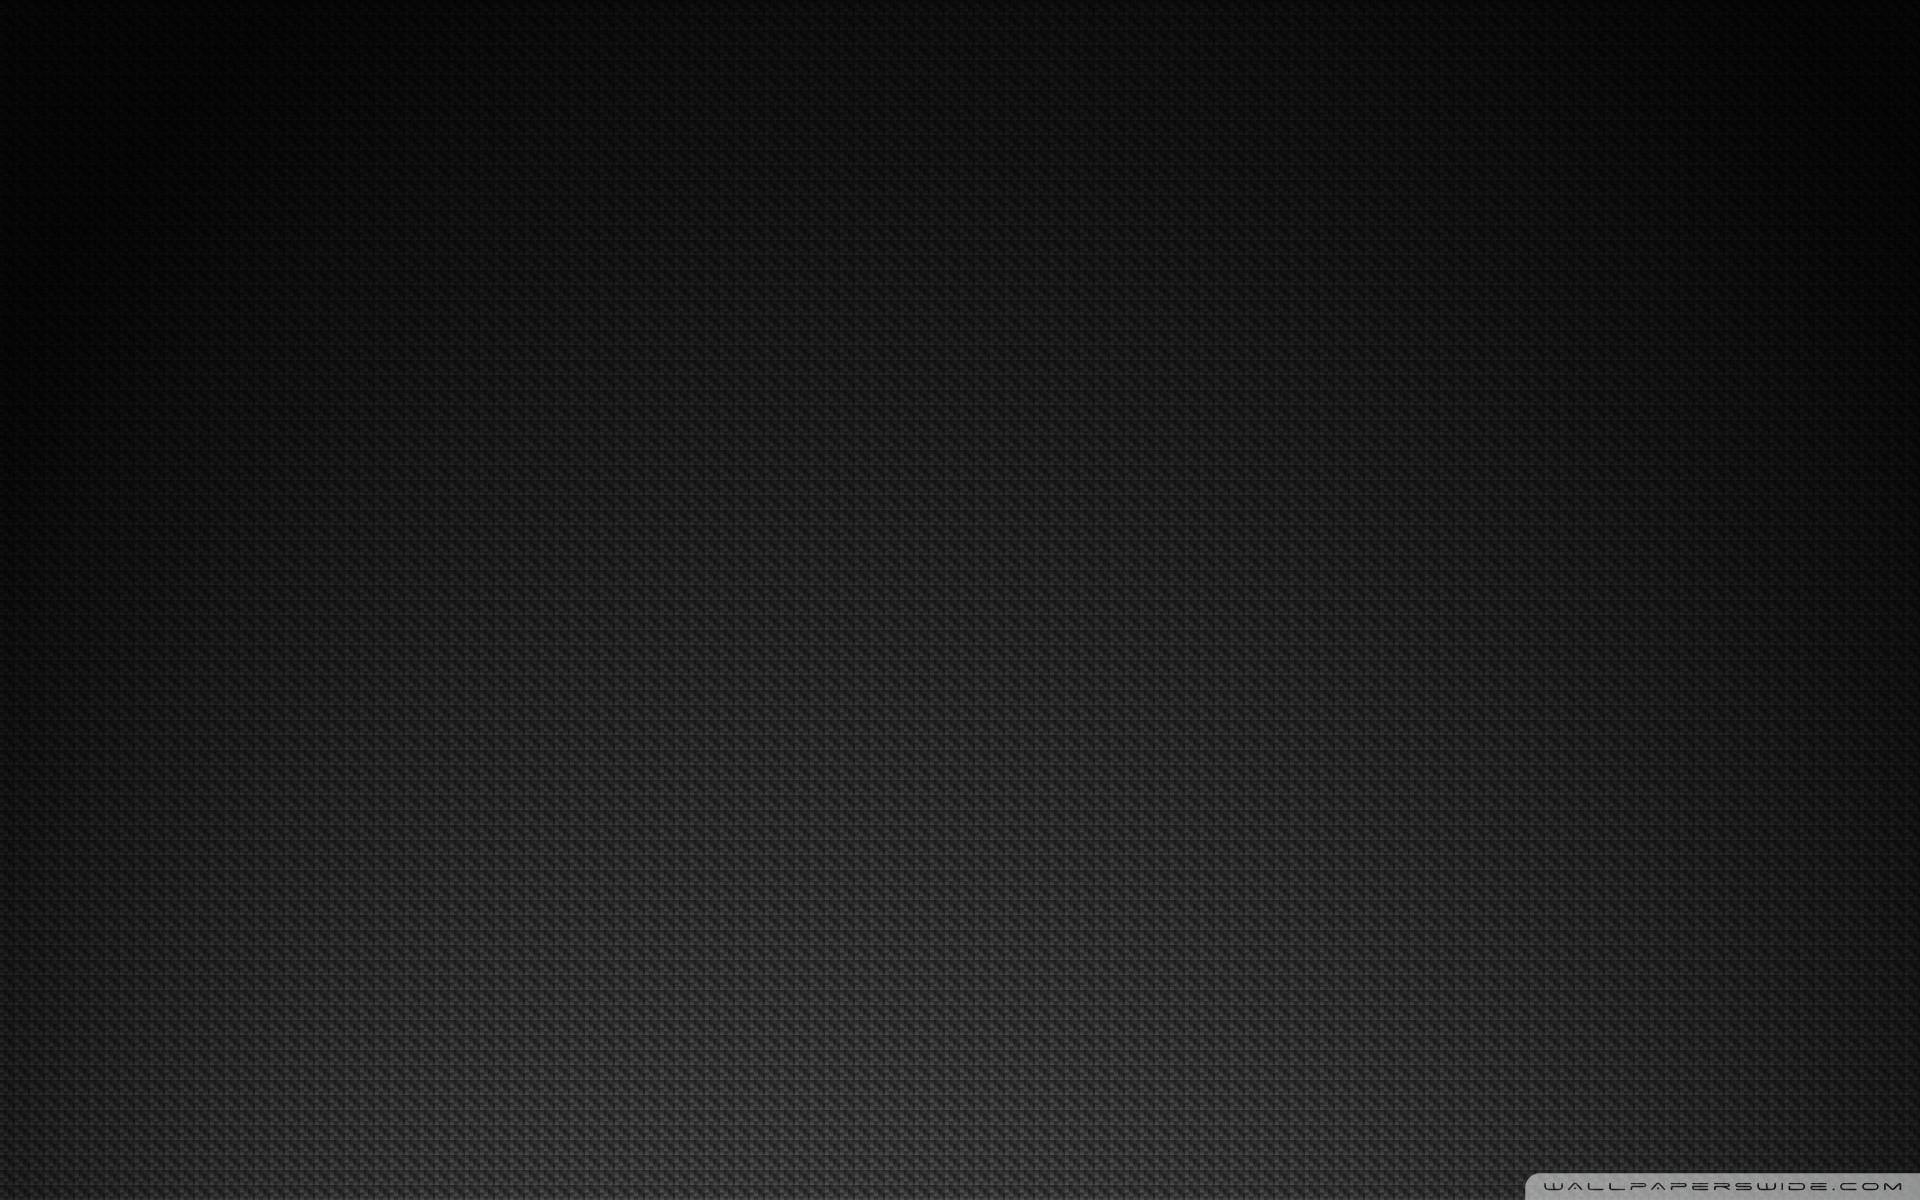 Full Slate App For Iphone